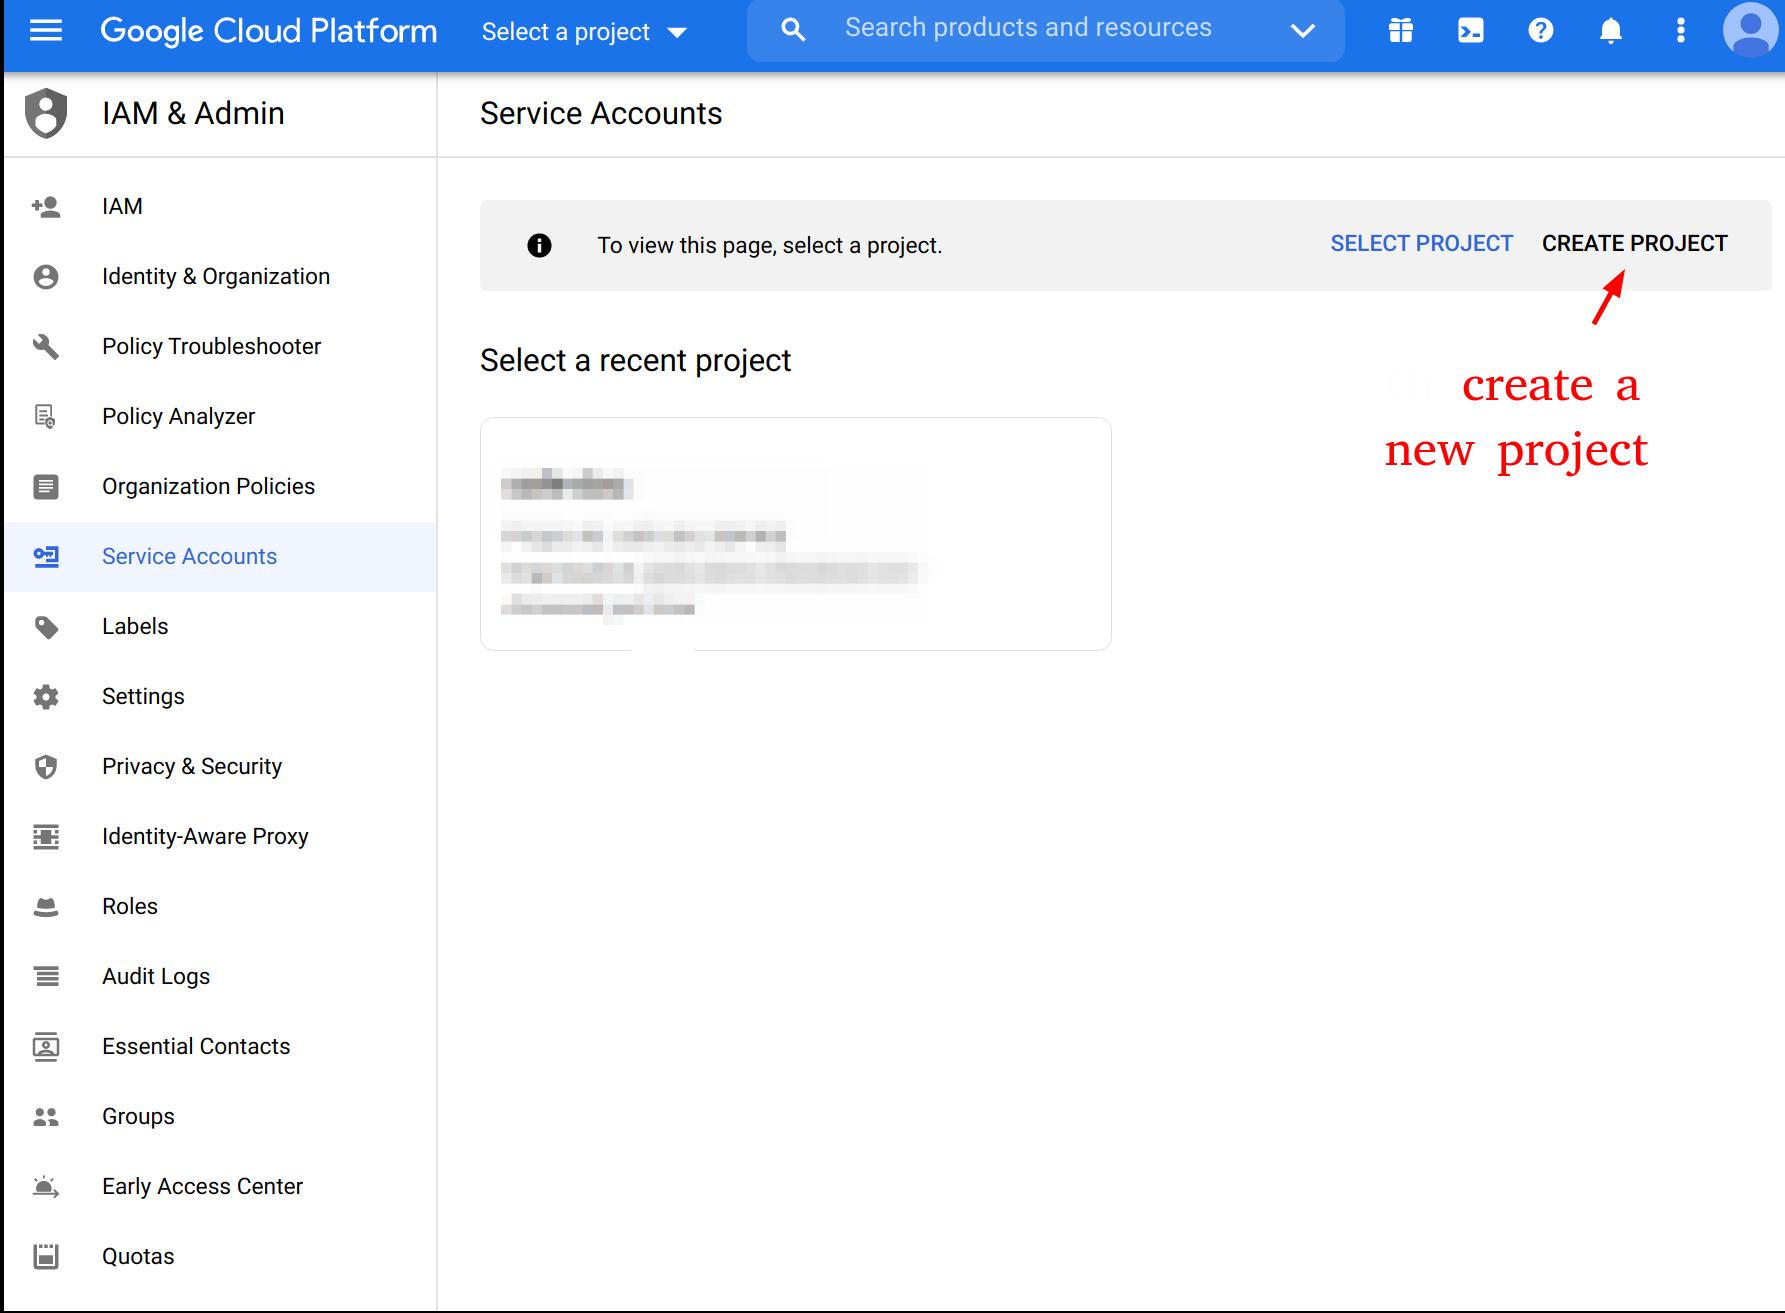 Google Cloud Platform Service Account Page